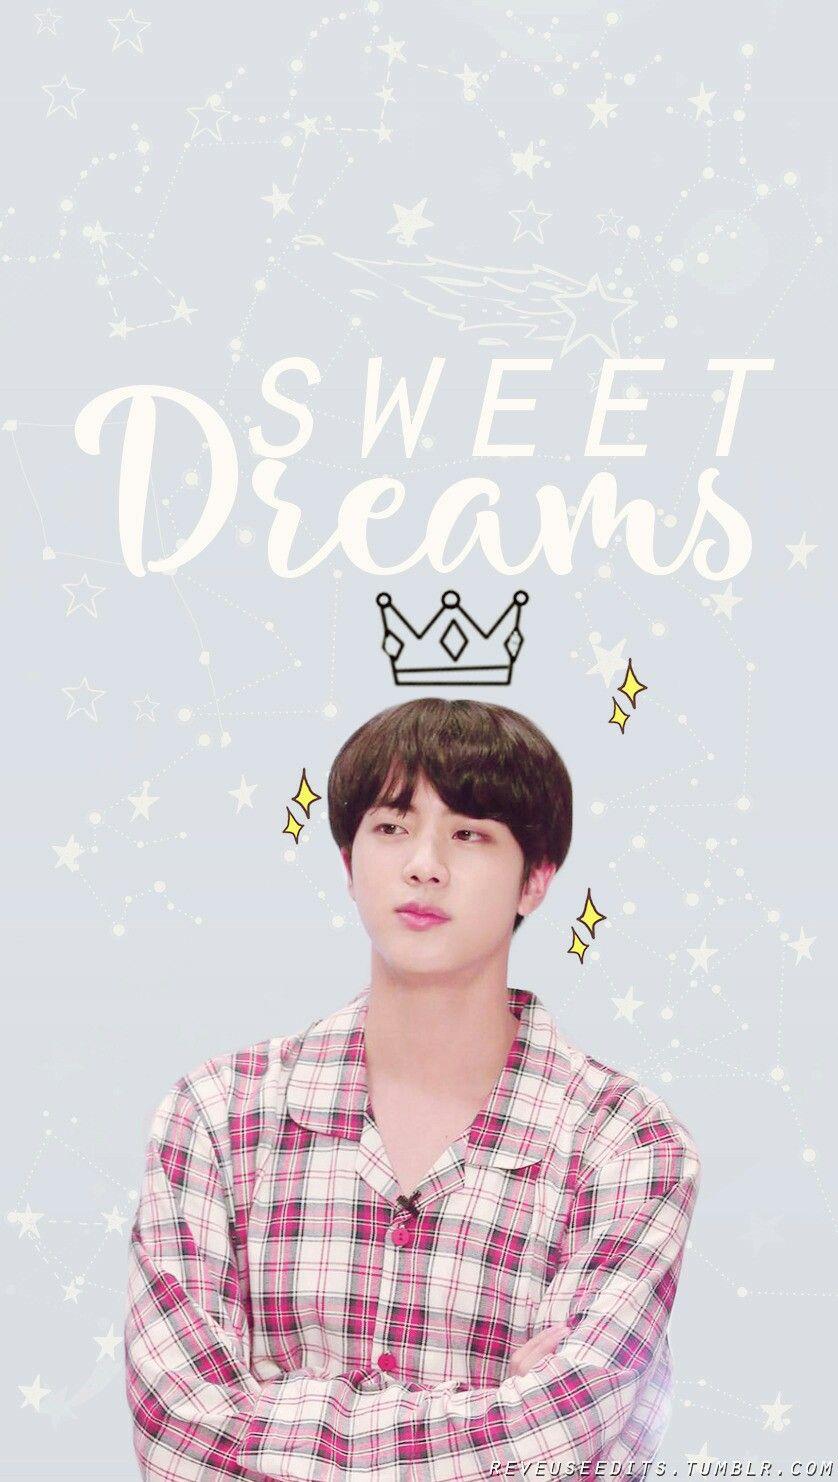 Reveuseedits Tumblr Bts Jin Bts Jin Awake Seokjin Bts